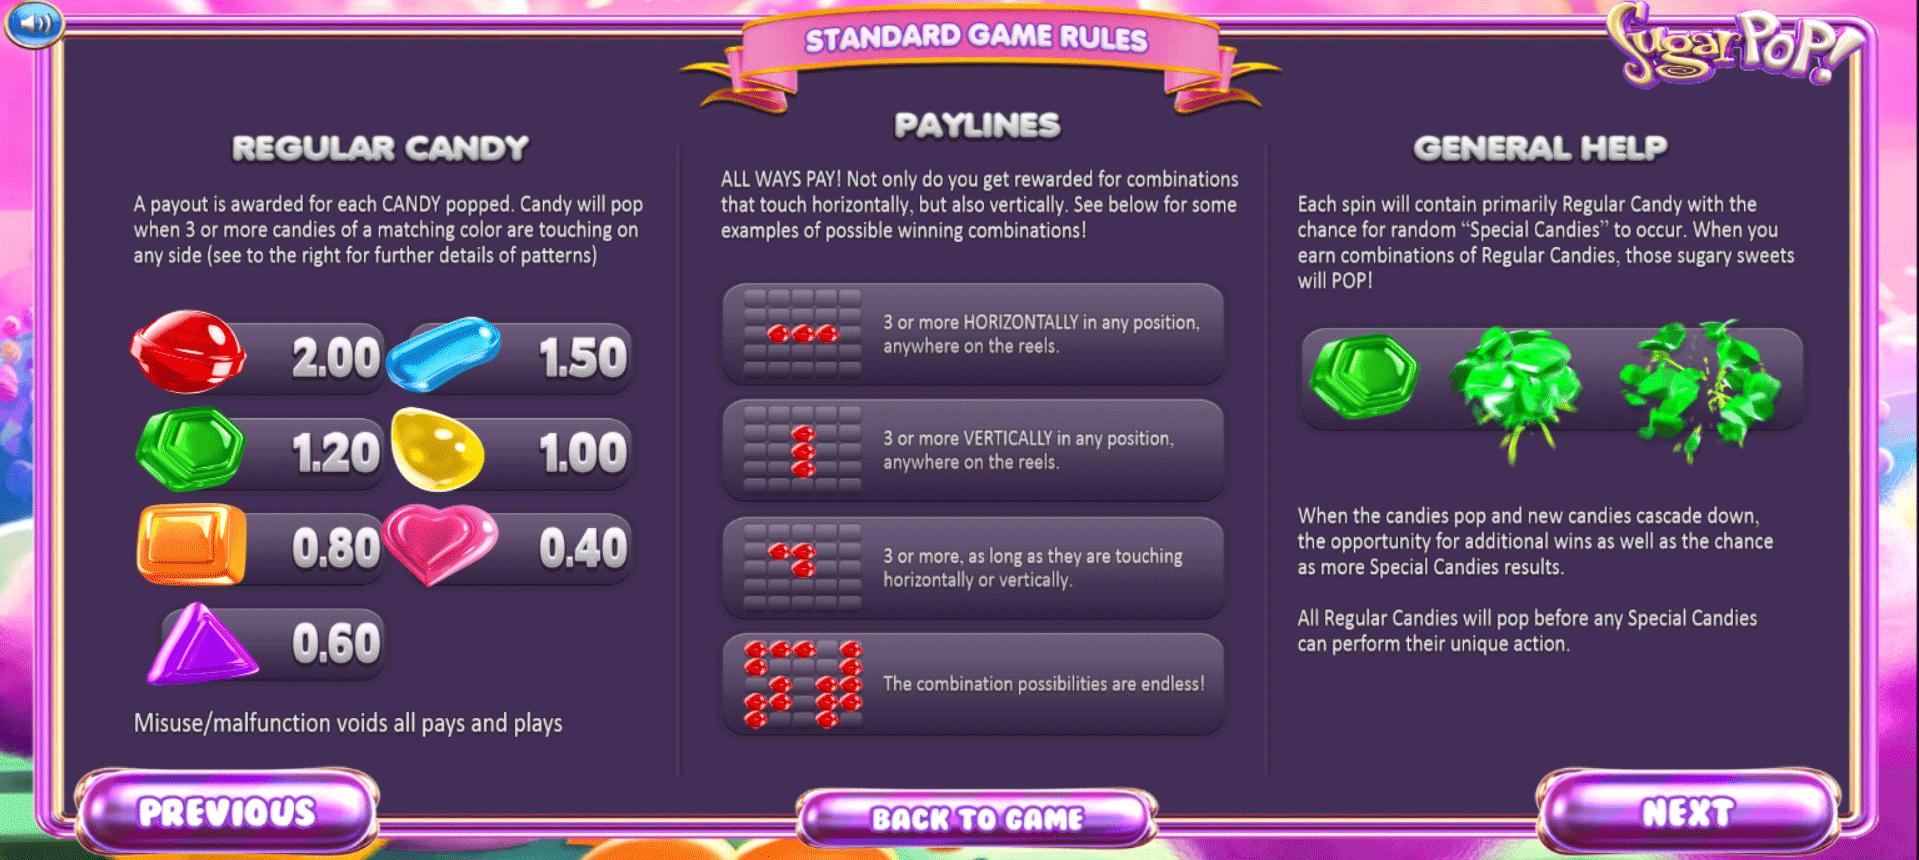 tabella dei pagamenti della slot machine sugarpop